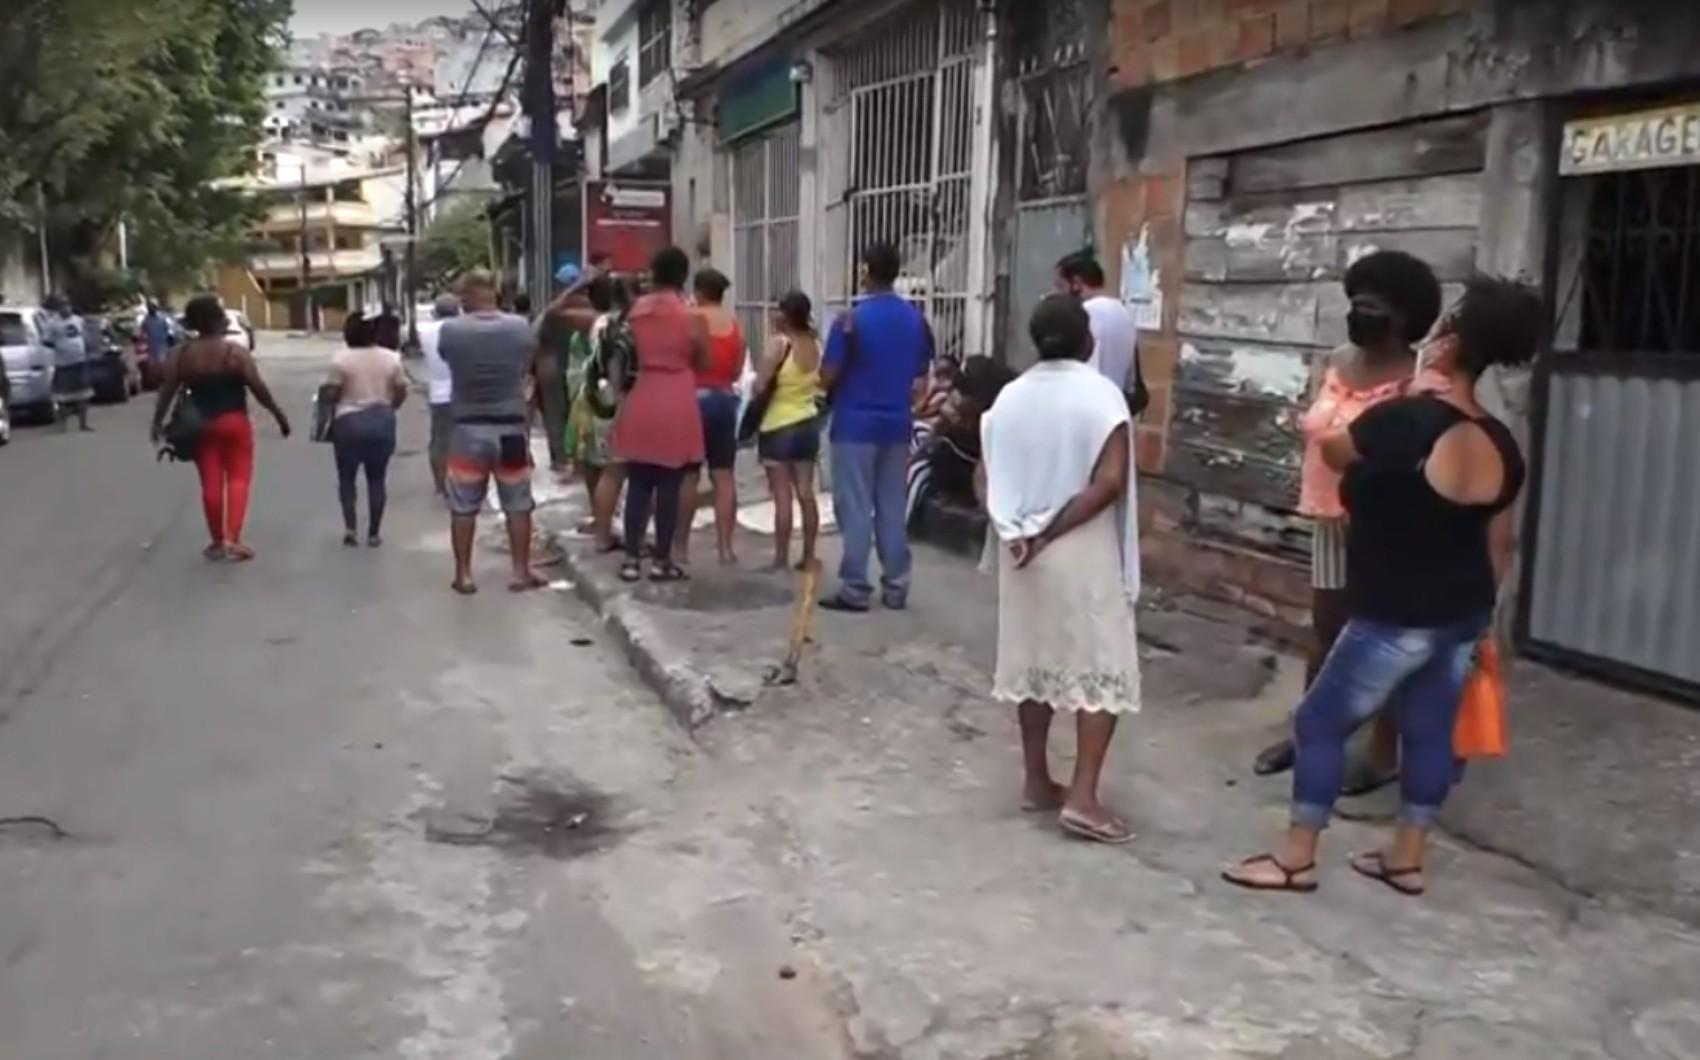 Pacientes formam longas filas para tentar agendar consulta no sistema público de saúde de Salvador